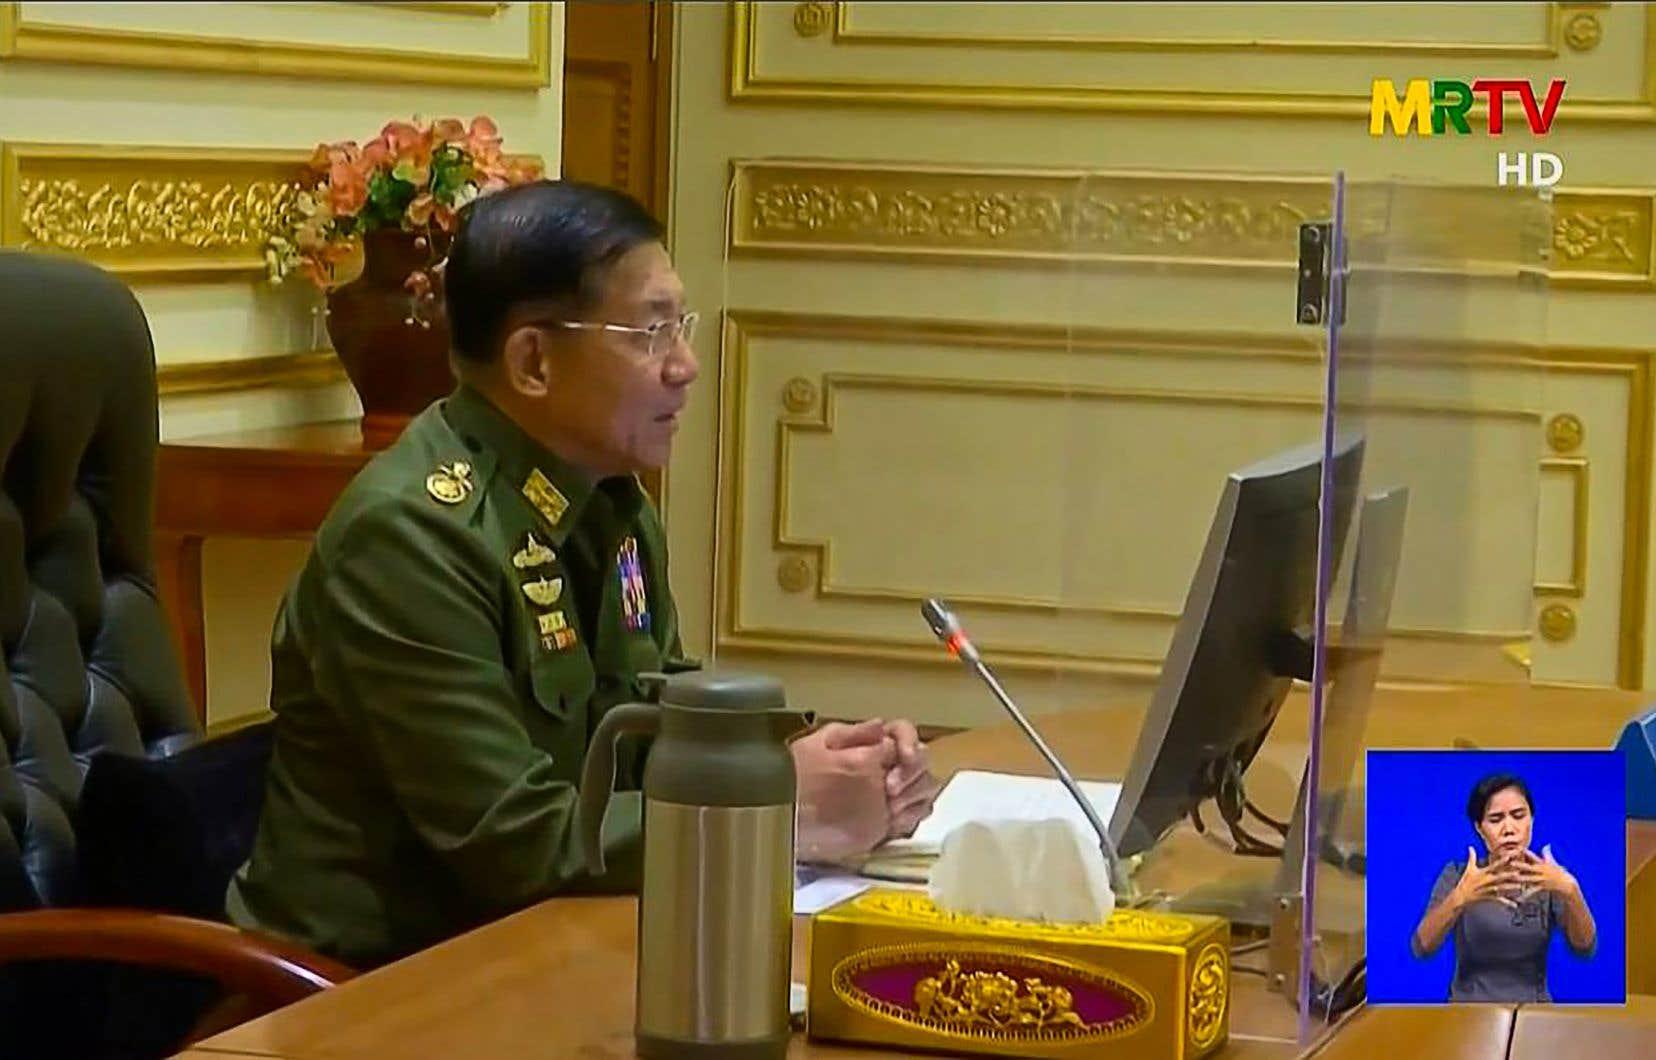 «Cette issue était inévitable pour le pays et c'est pourquoi nous avons dû la choisir», a déclaré le général Min Aung Hlaing, selon la page Facebook officielle de l'armée.